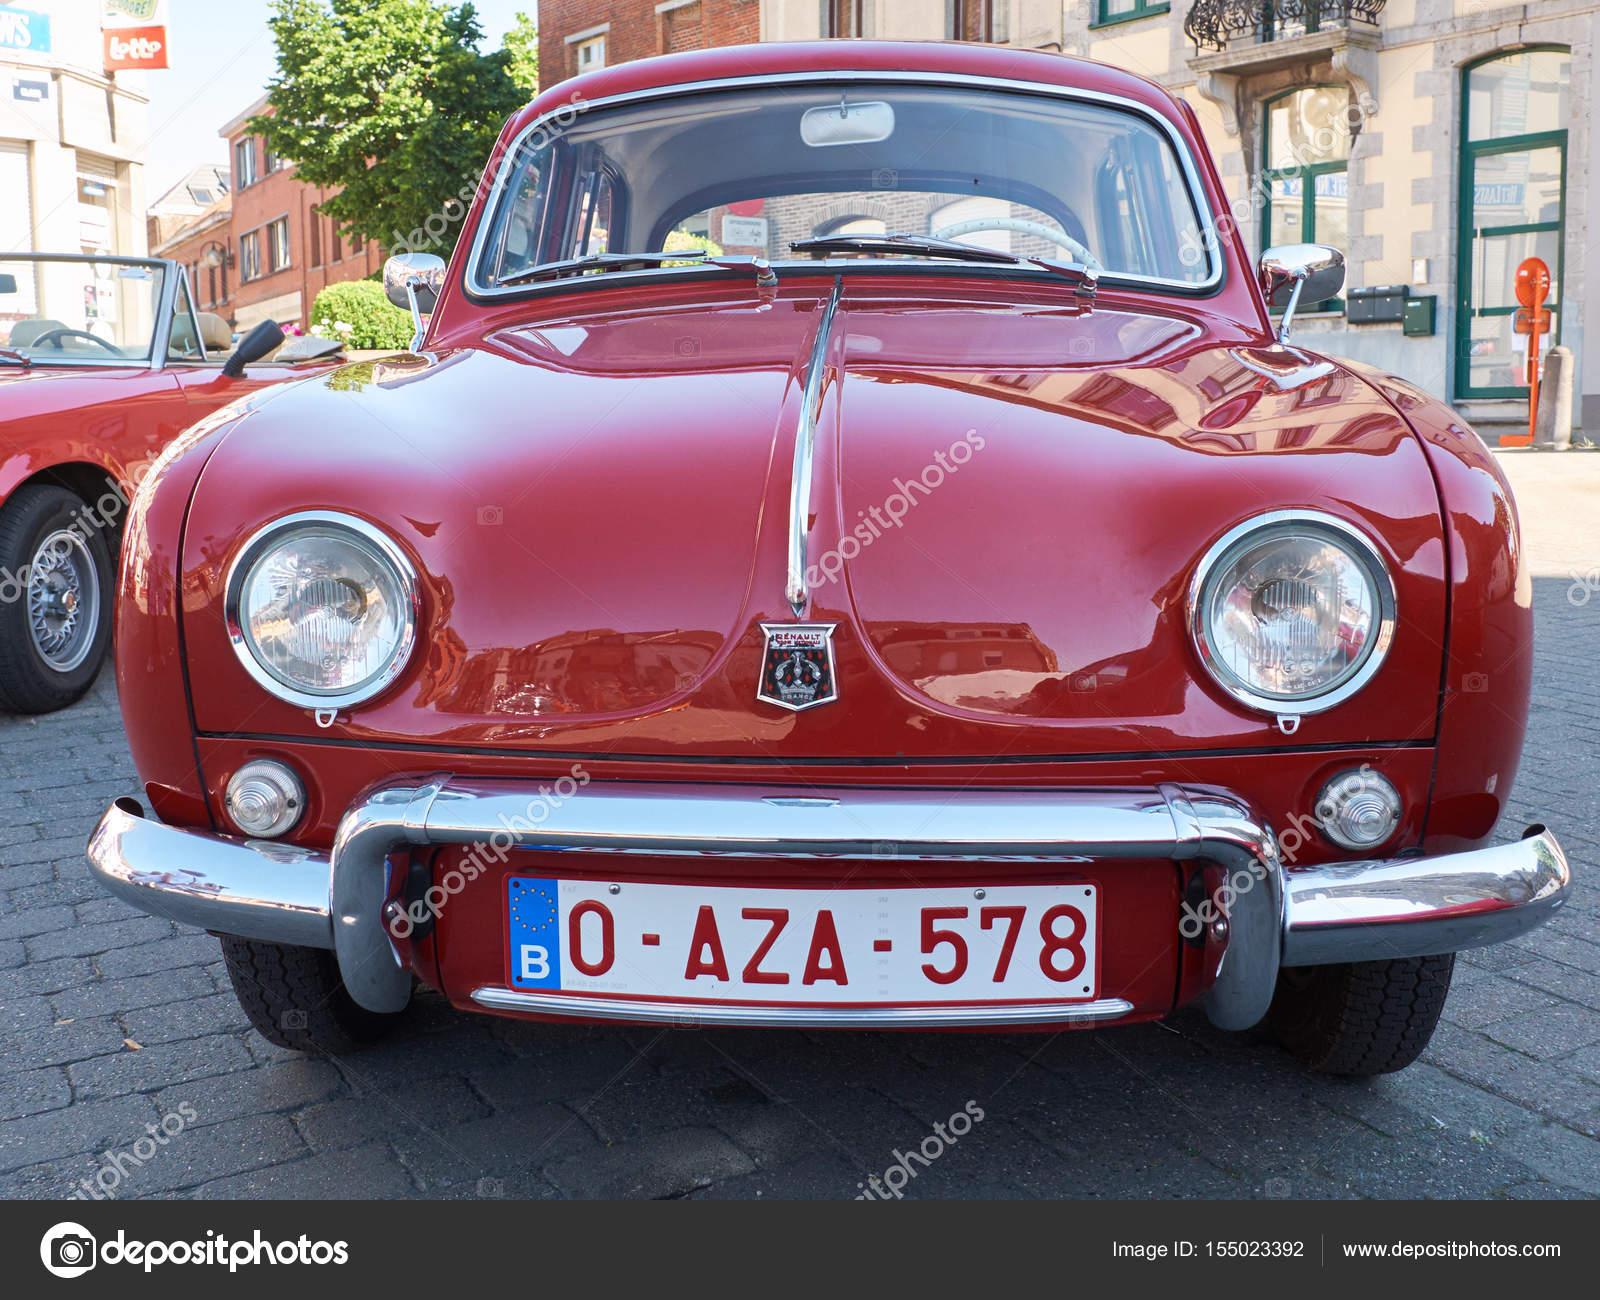 Autos Italianos Clasicos Colectores De Reunion De Coches Clasicos